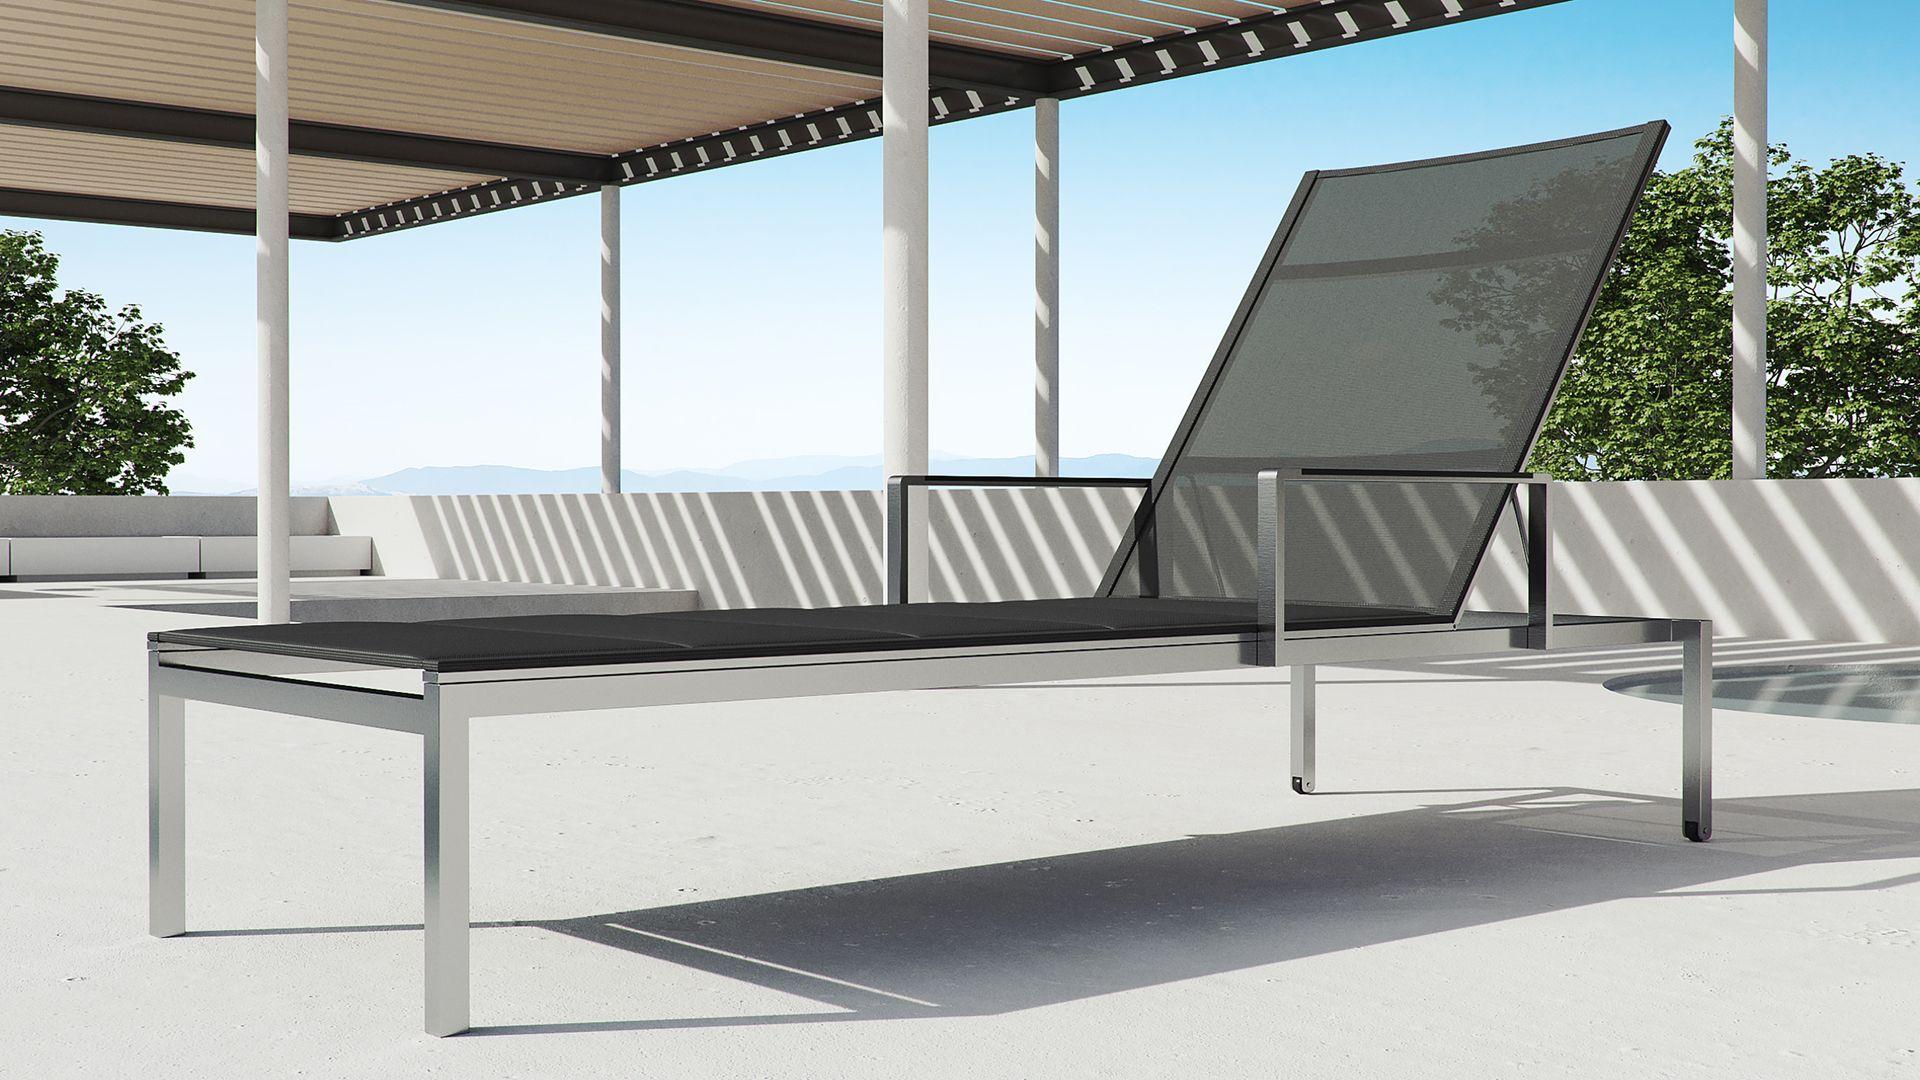 Entspannende Momente auf der heimischen Terrasse